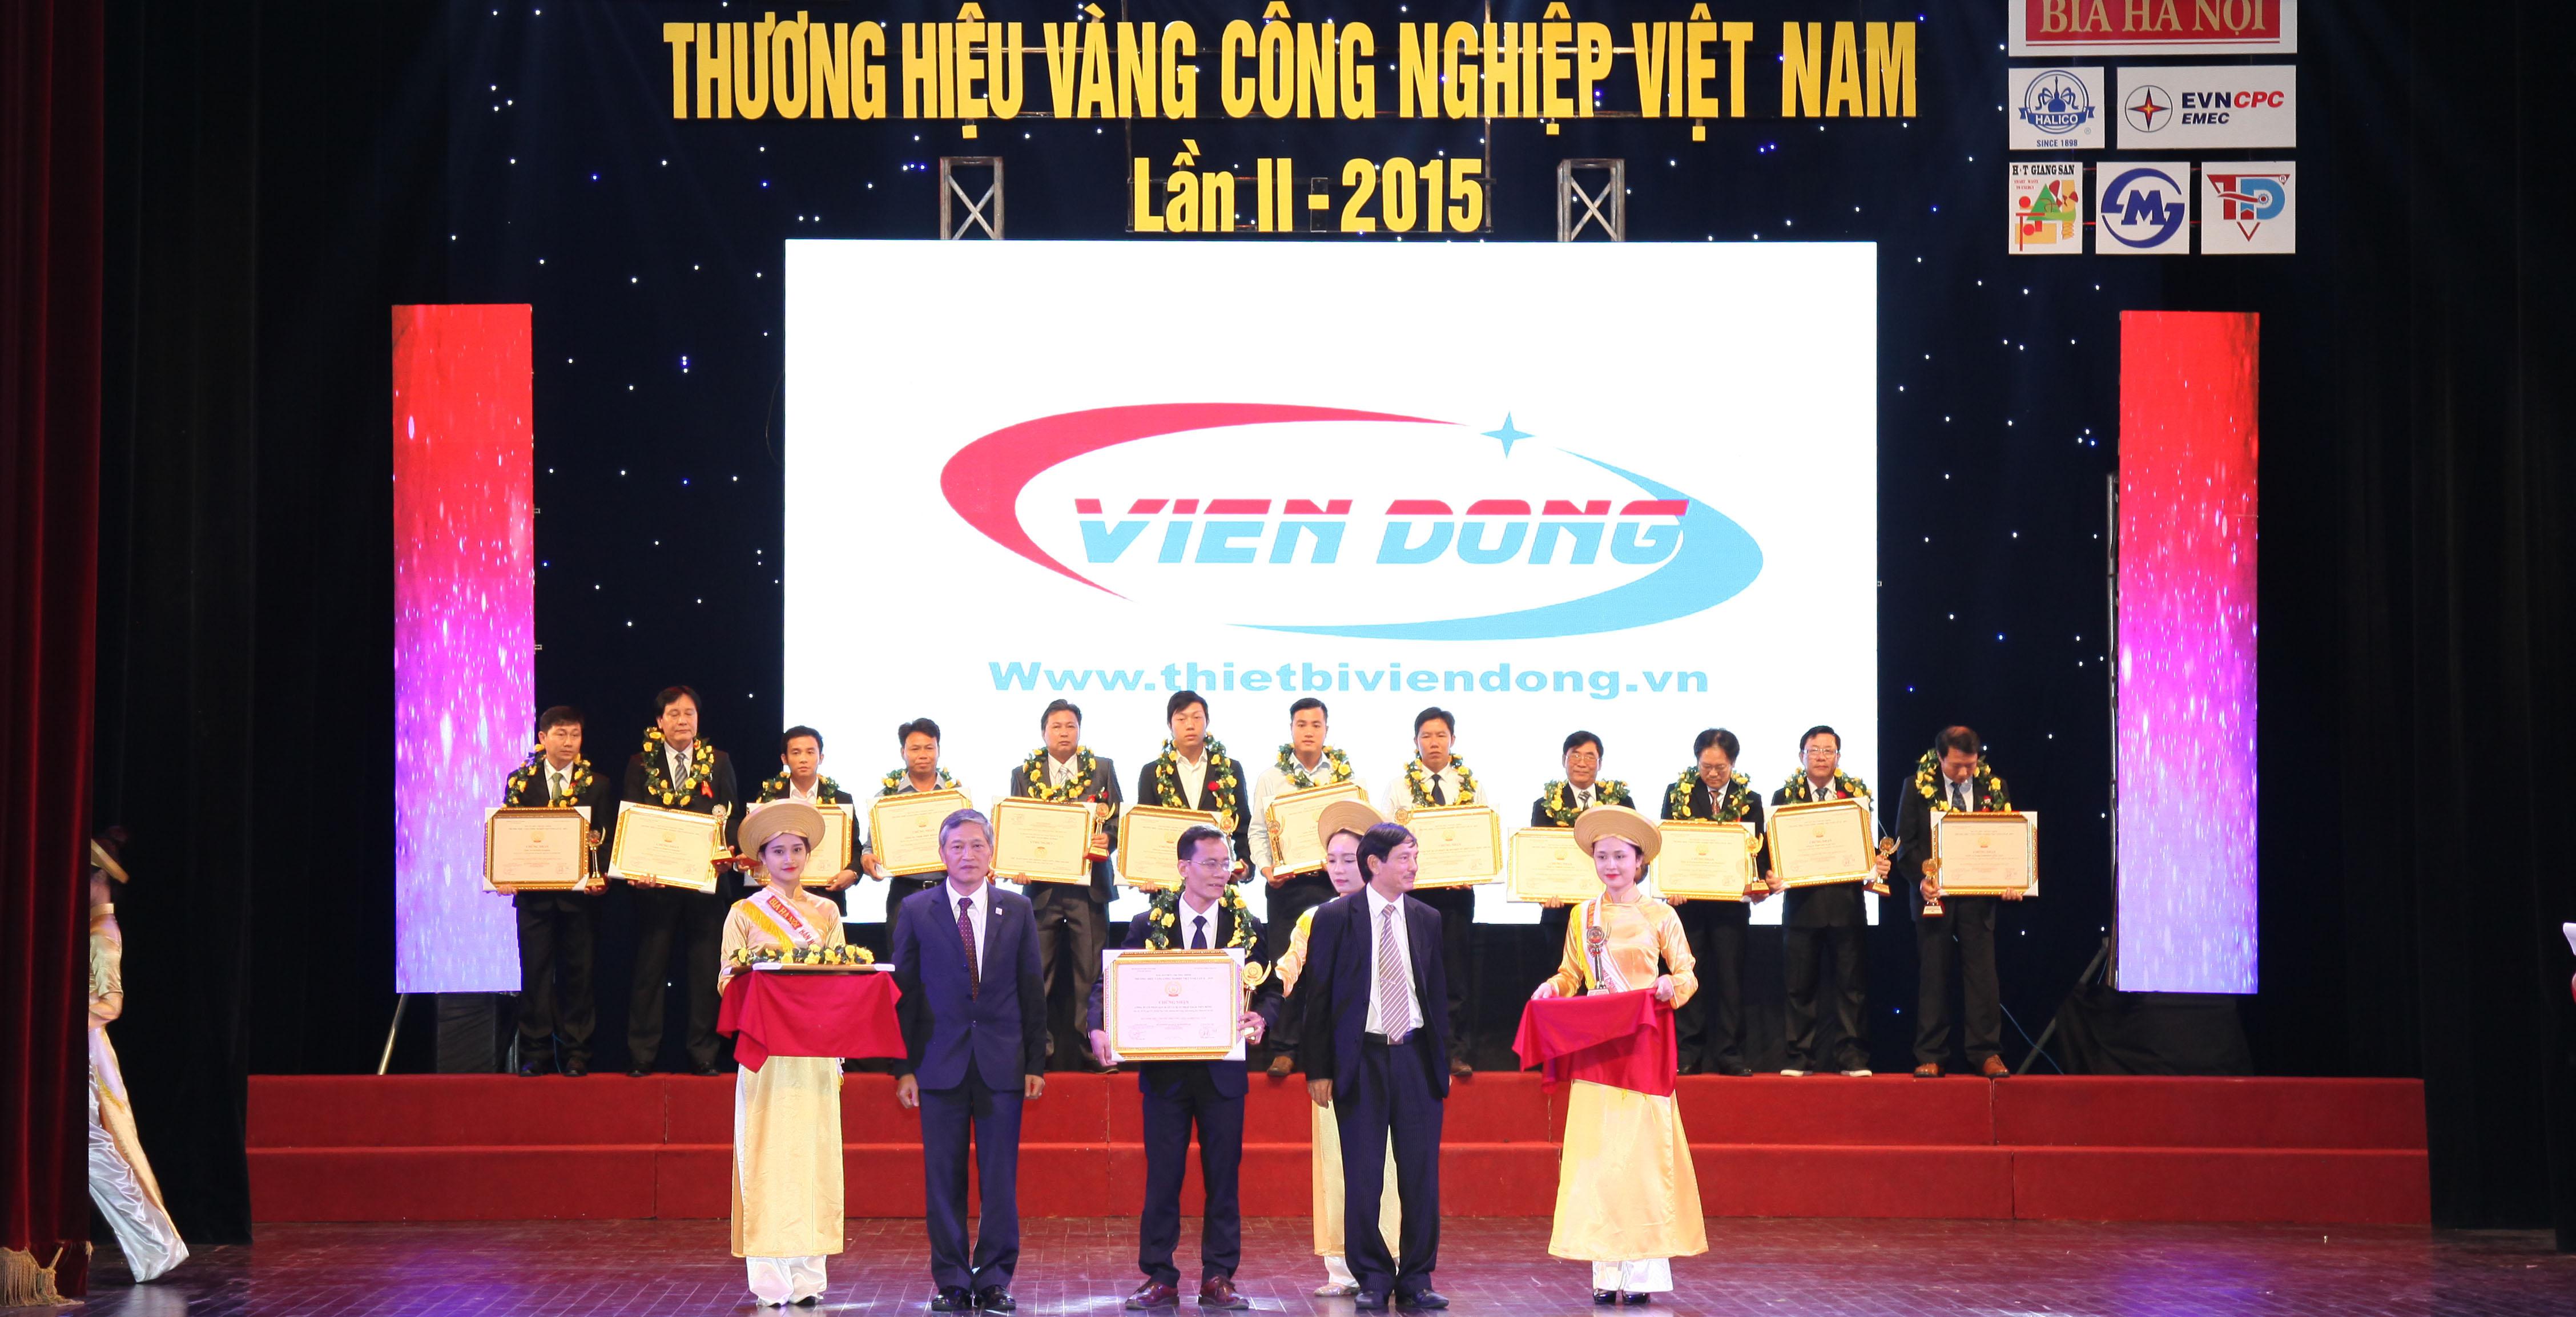 Thương hiệu Vàng Công nghiệp Việt Nam